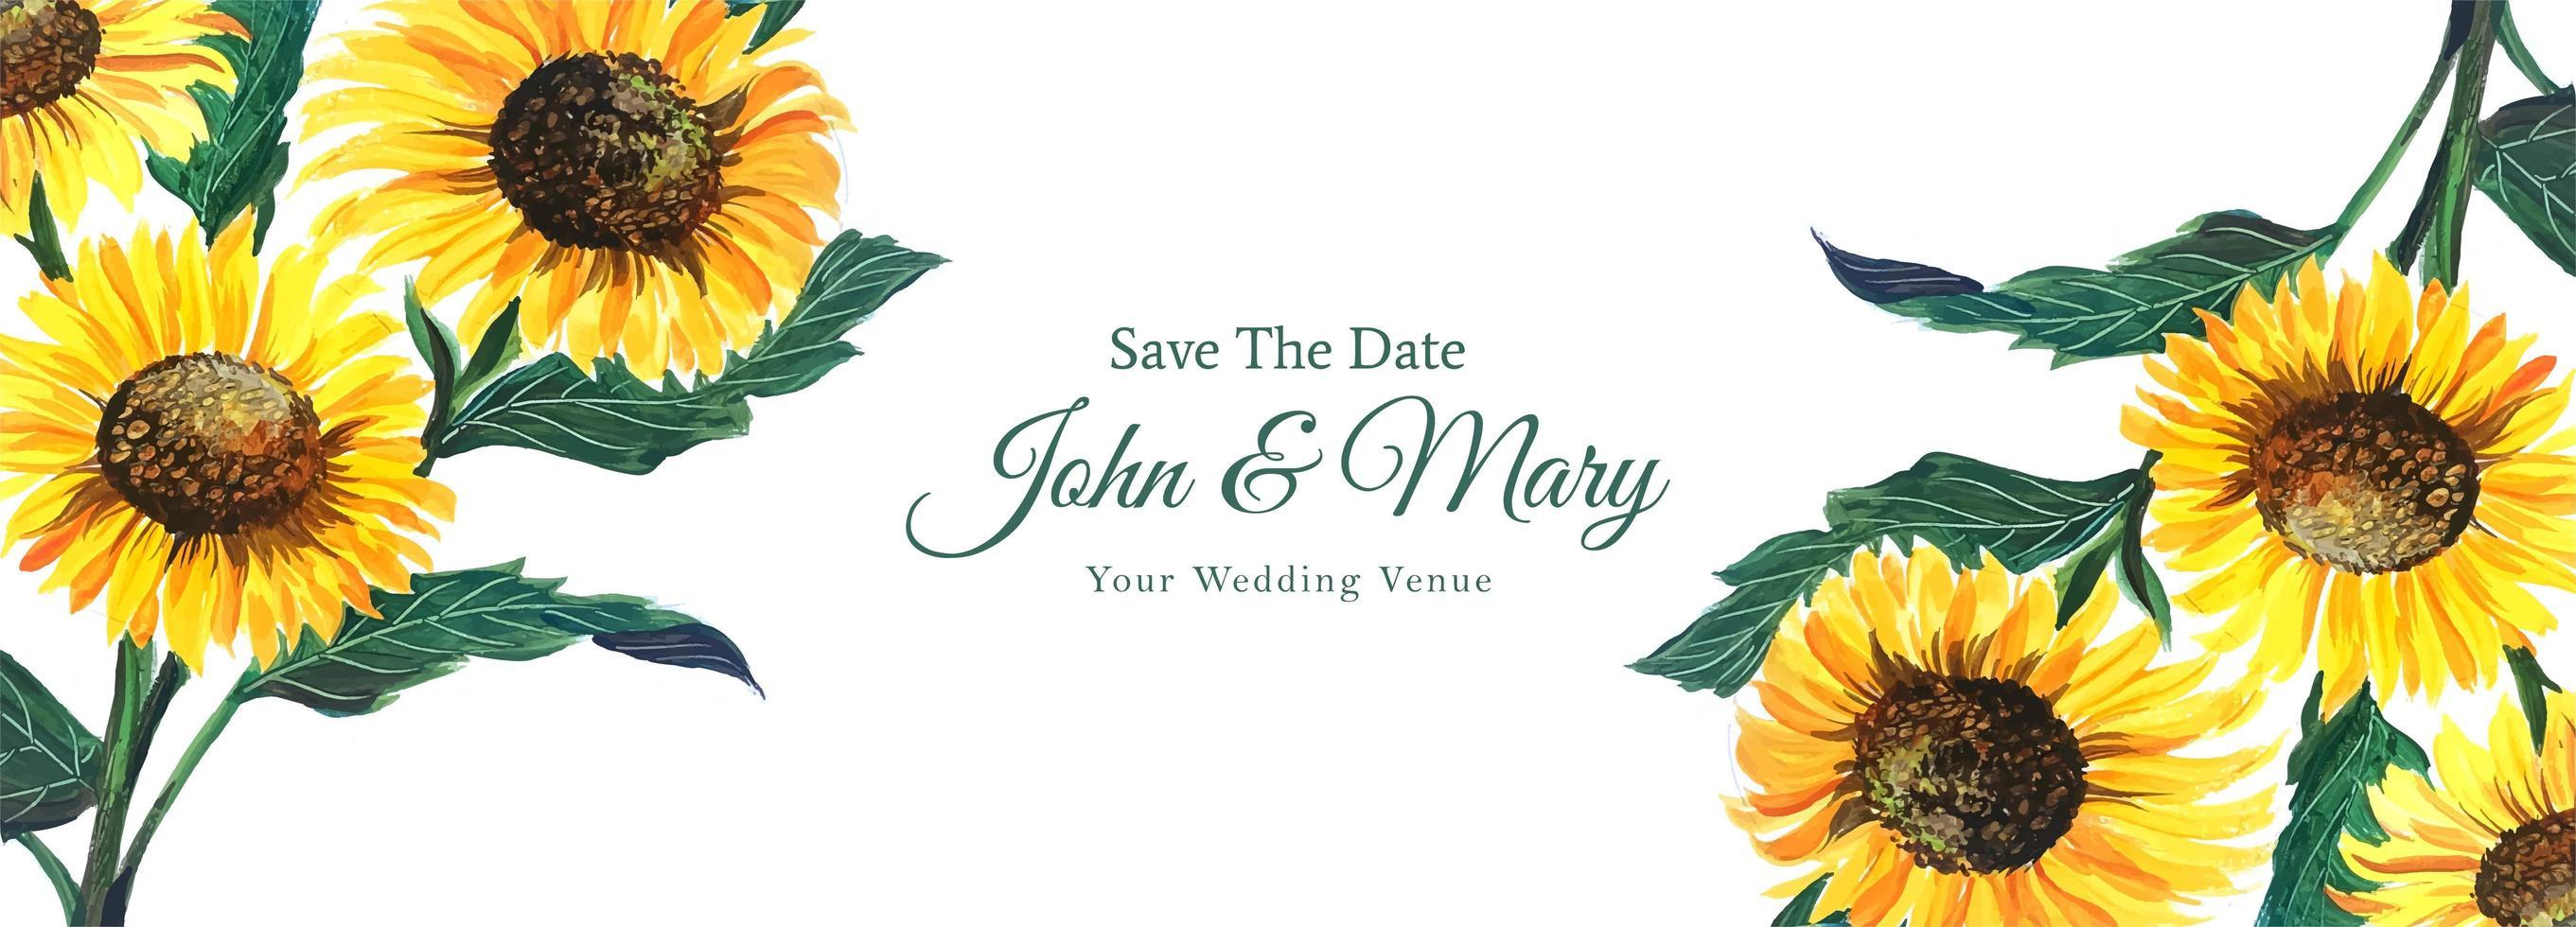 matrimonio decorativo girasole salva il banner della data vettore